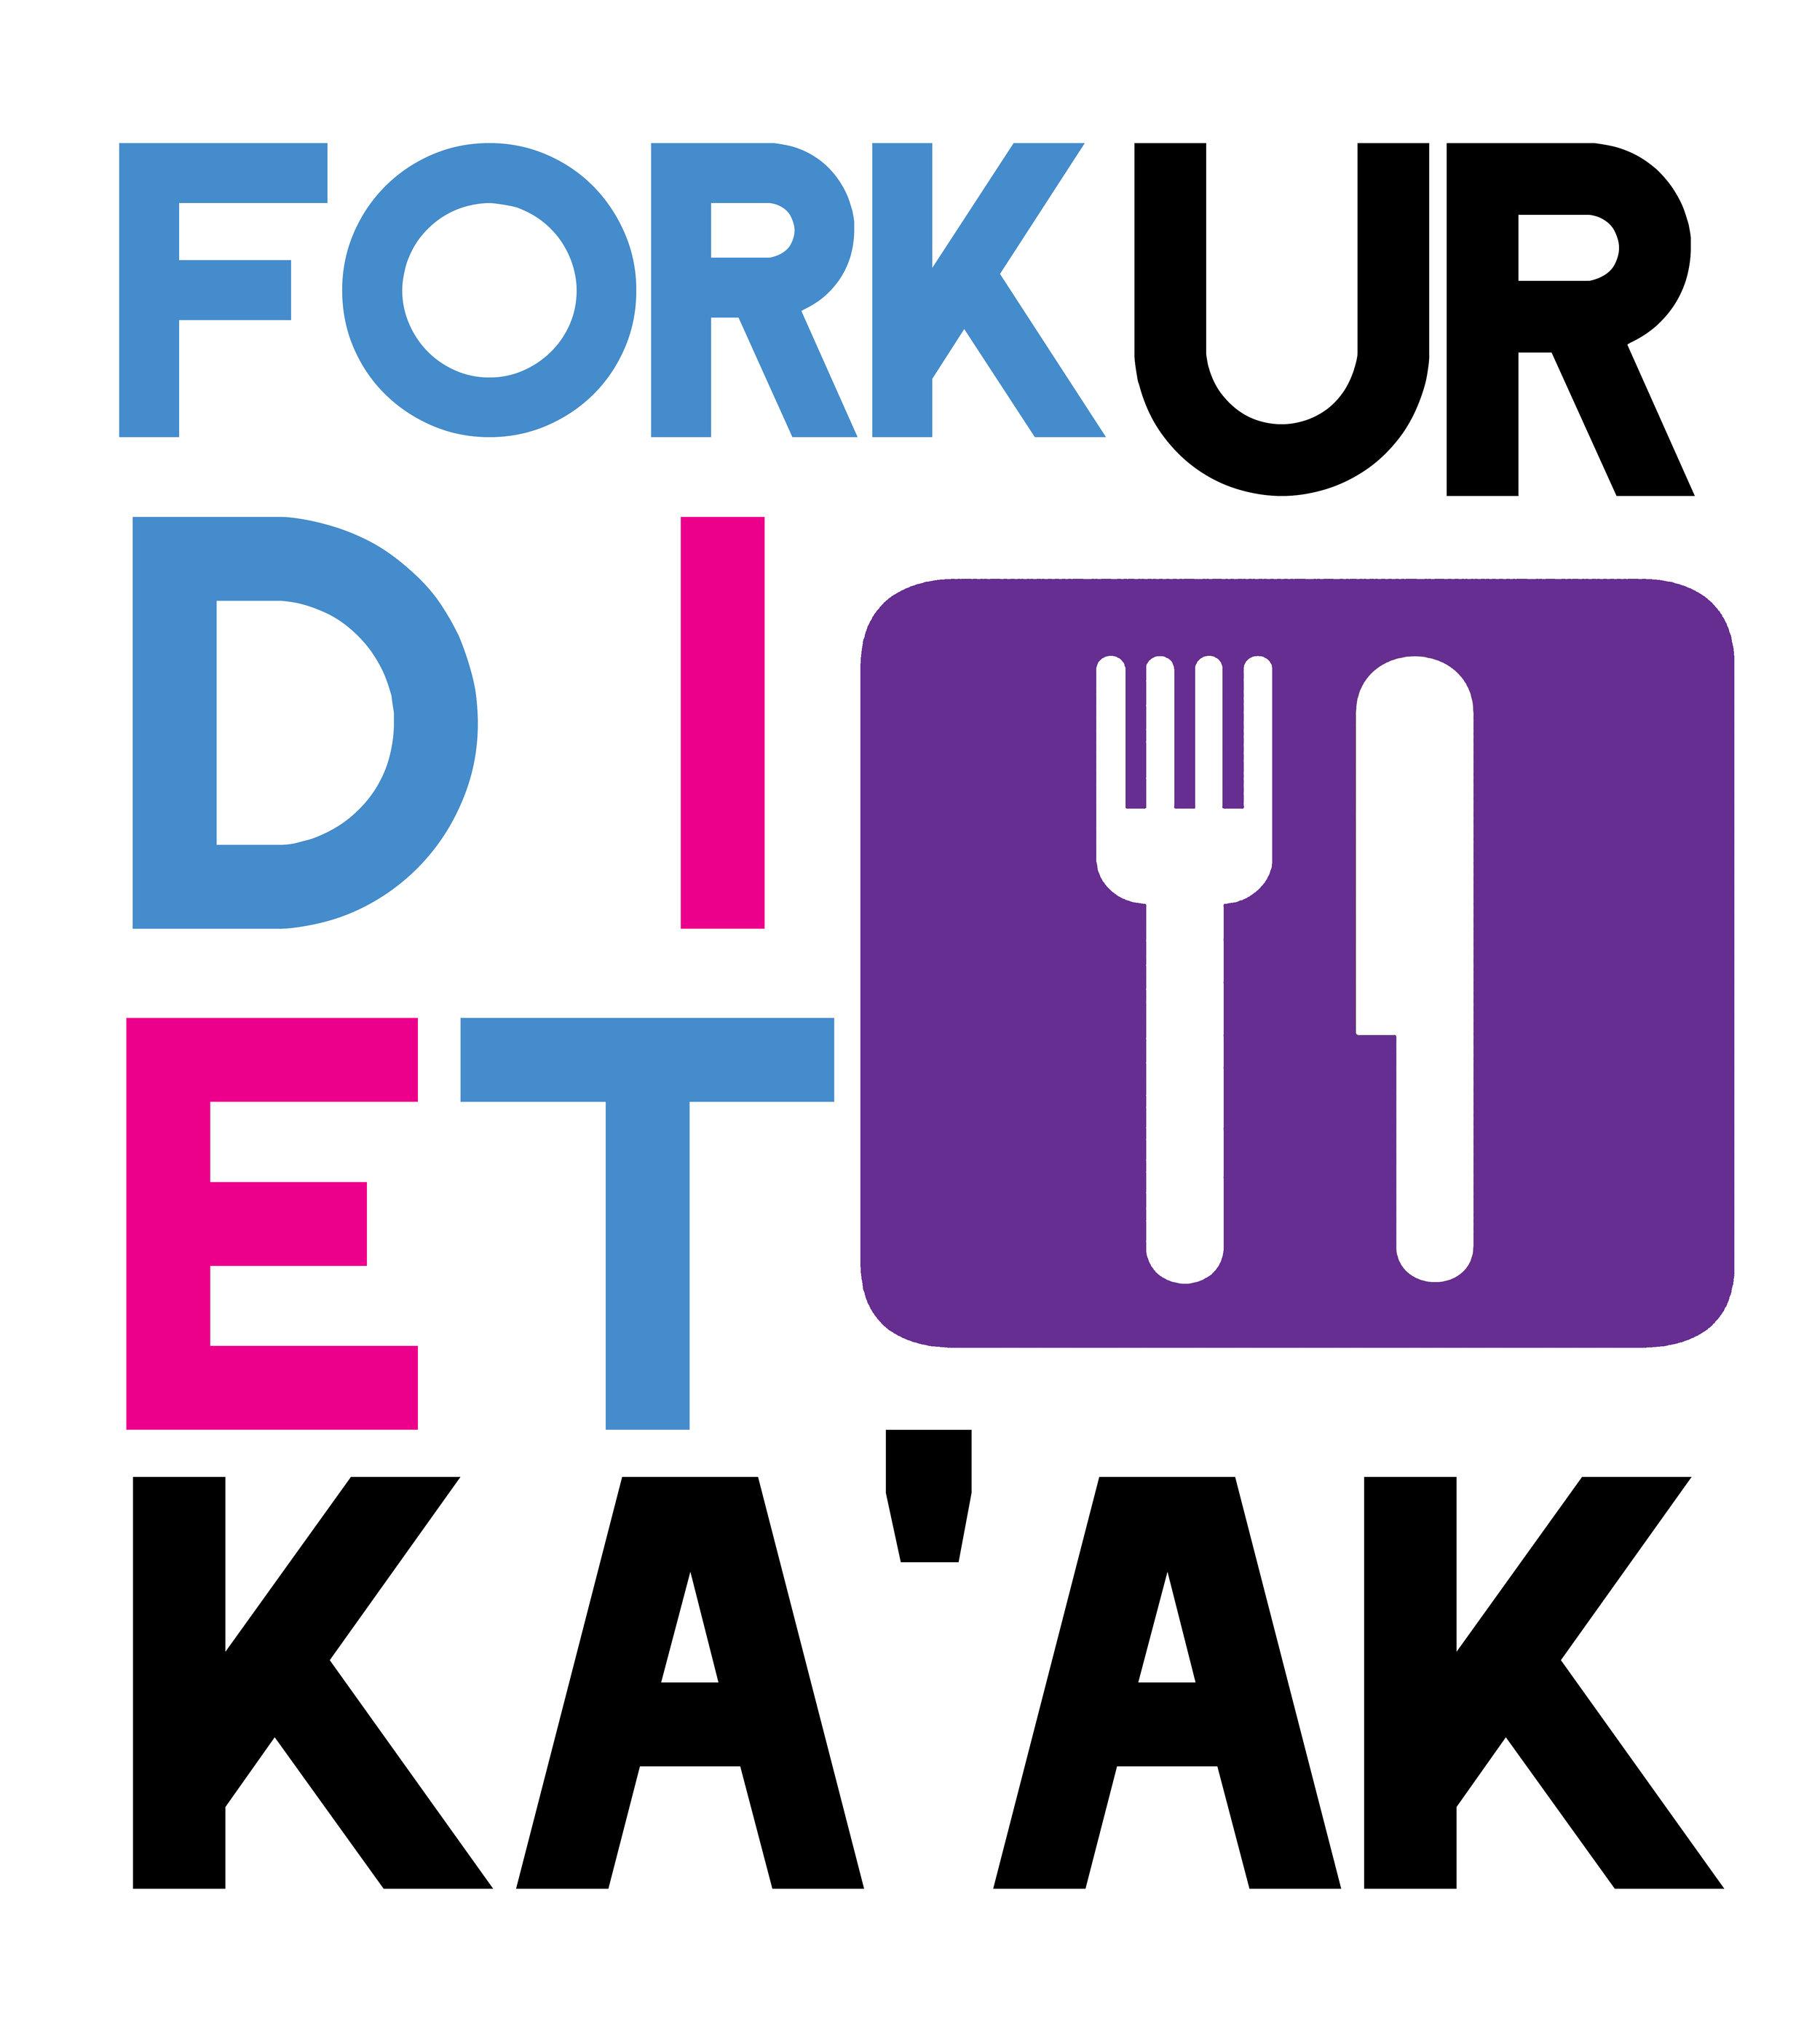 forkit.jpg